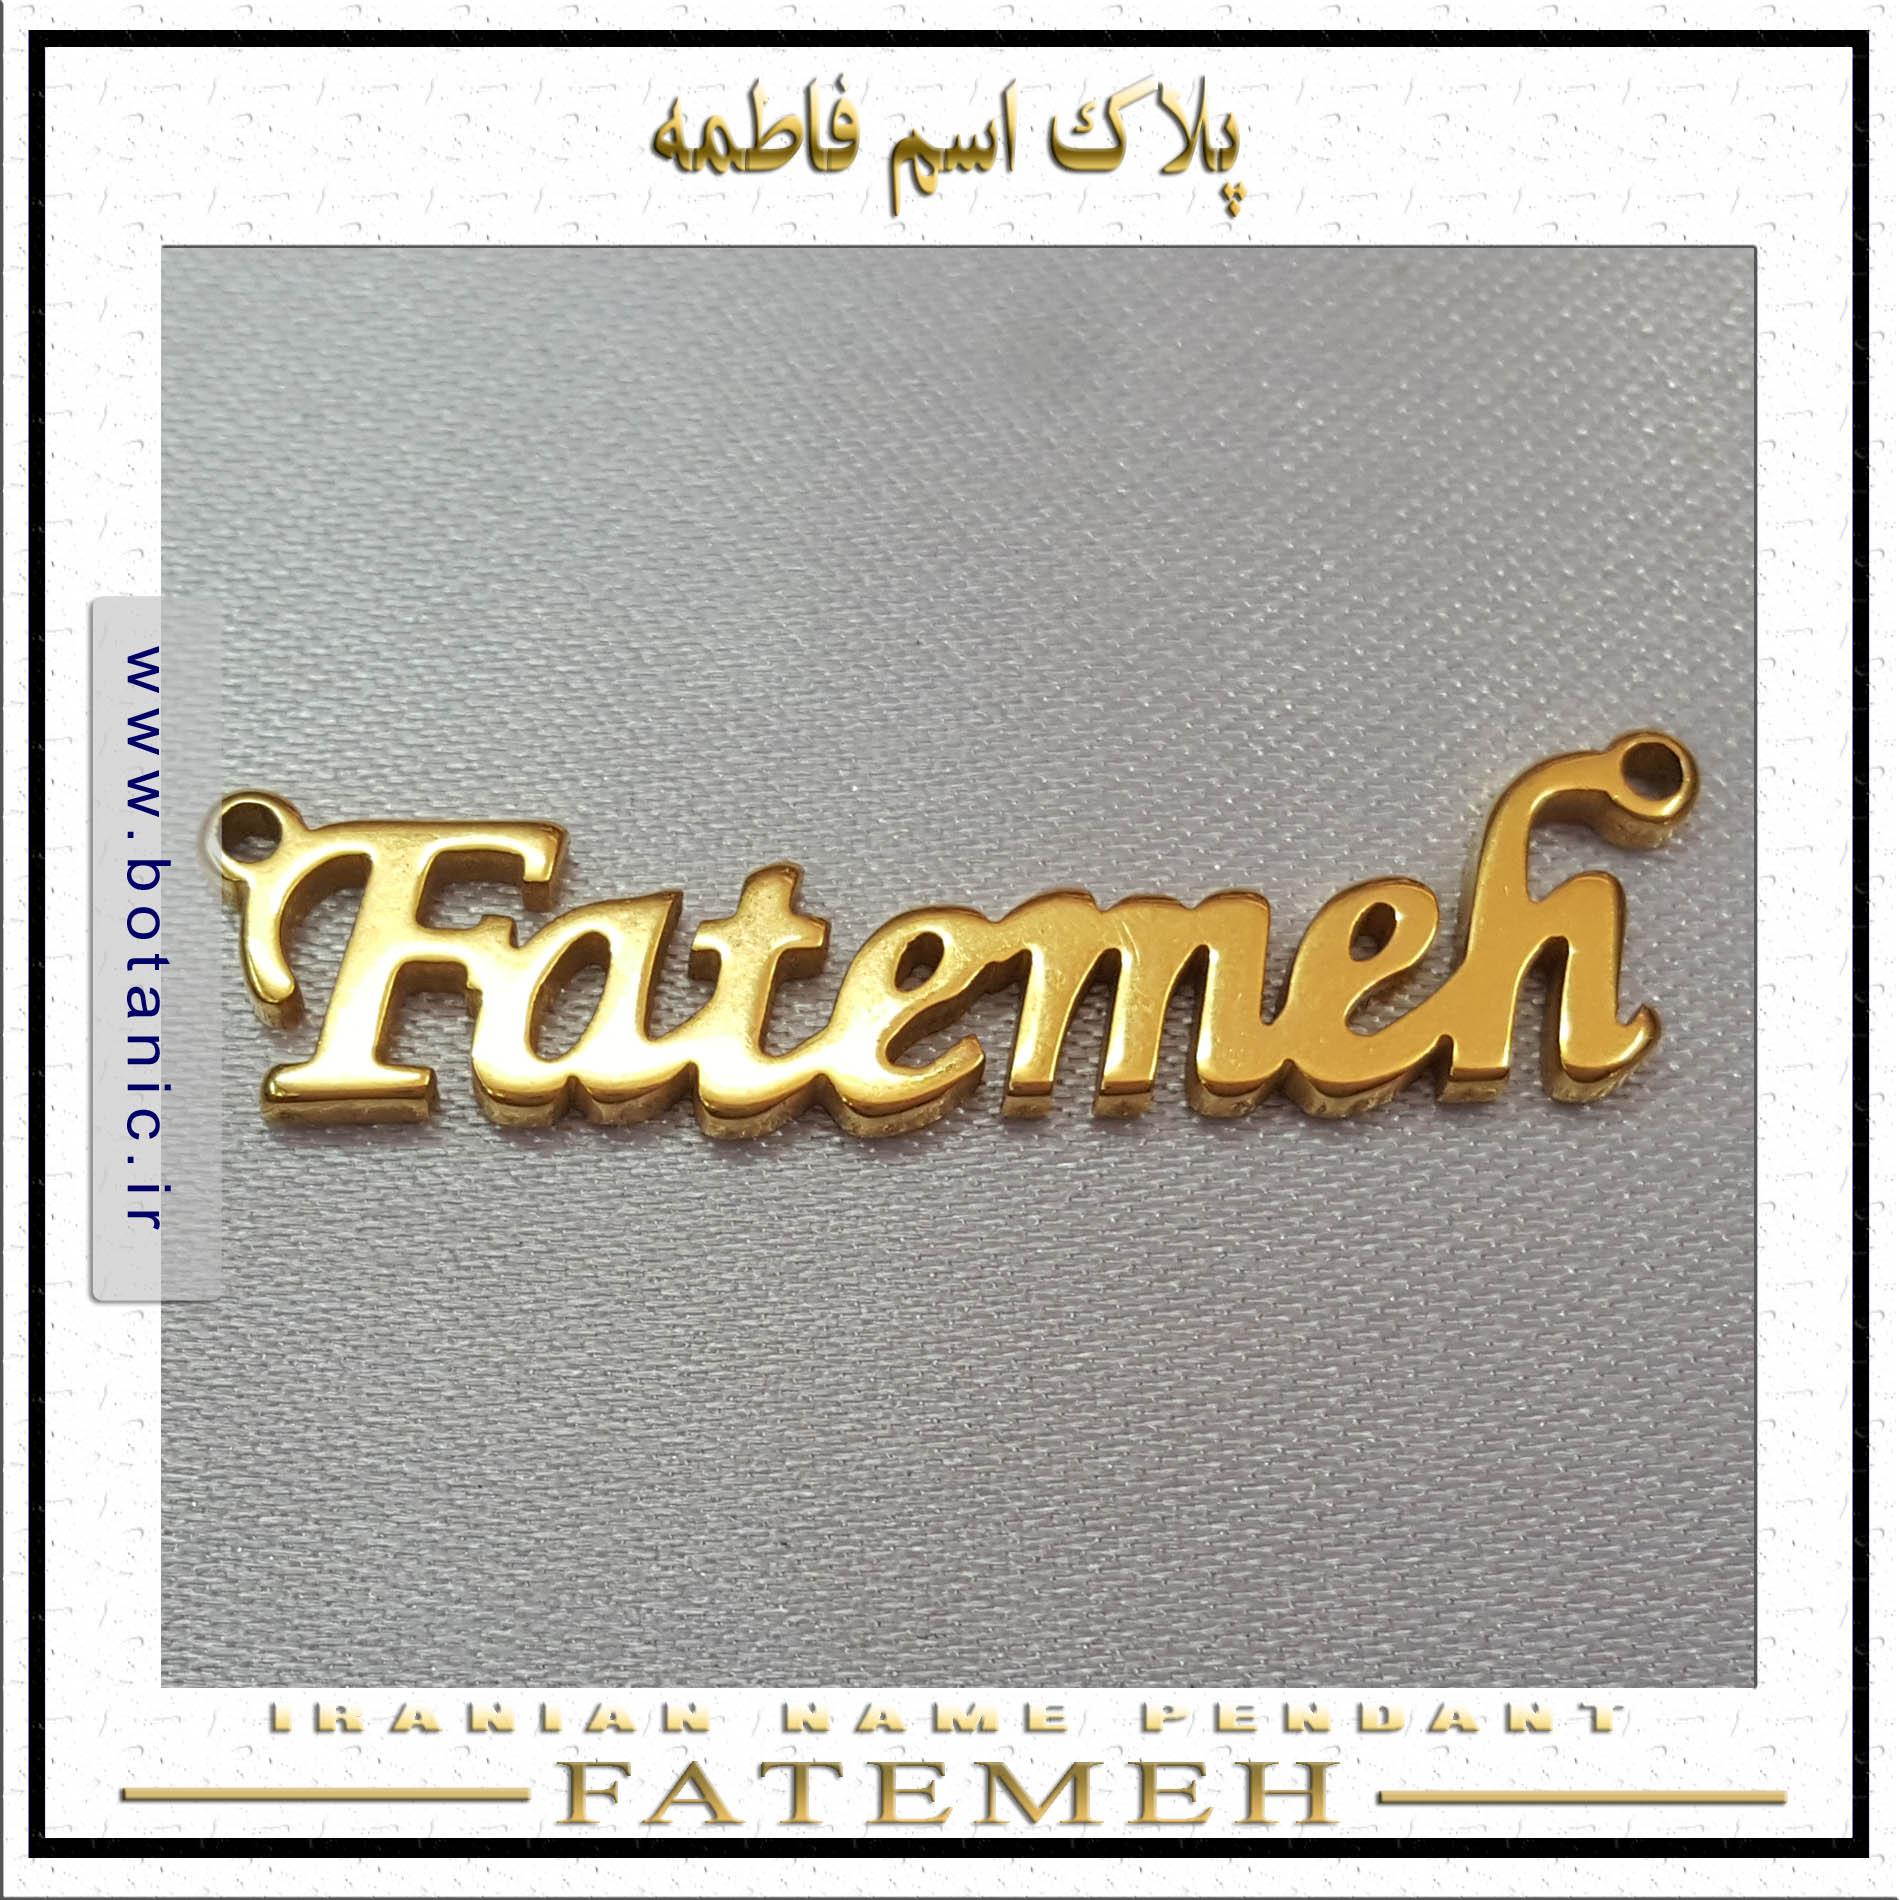 فاطمه : ریشه اسم: عربی معنی: رانده شده از آتش - زنی که بچه خود را از شیر گرفته باشد ، نام دختر پیامبر (ص)